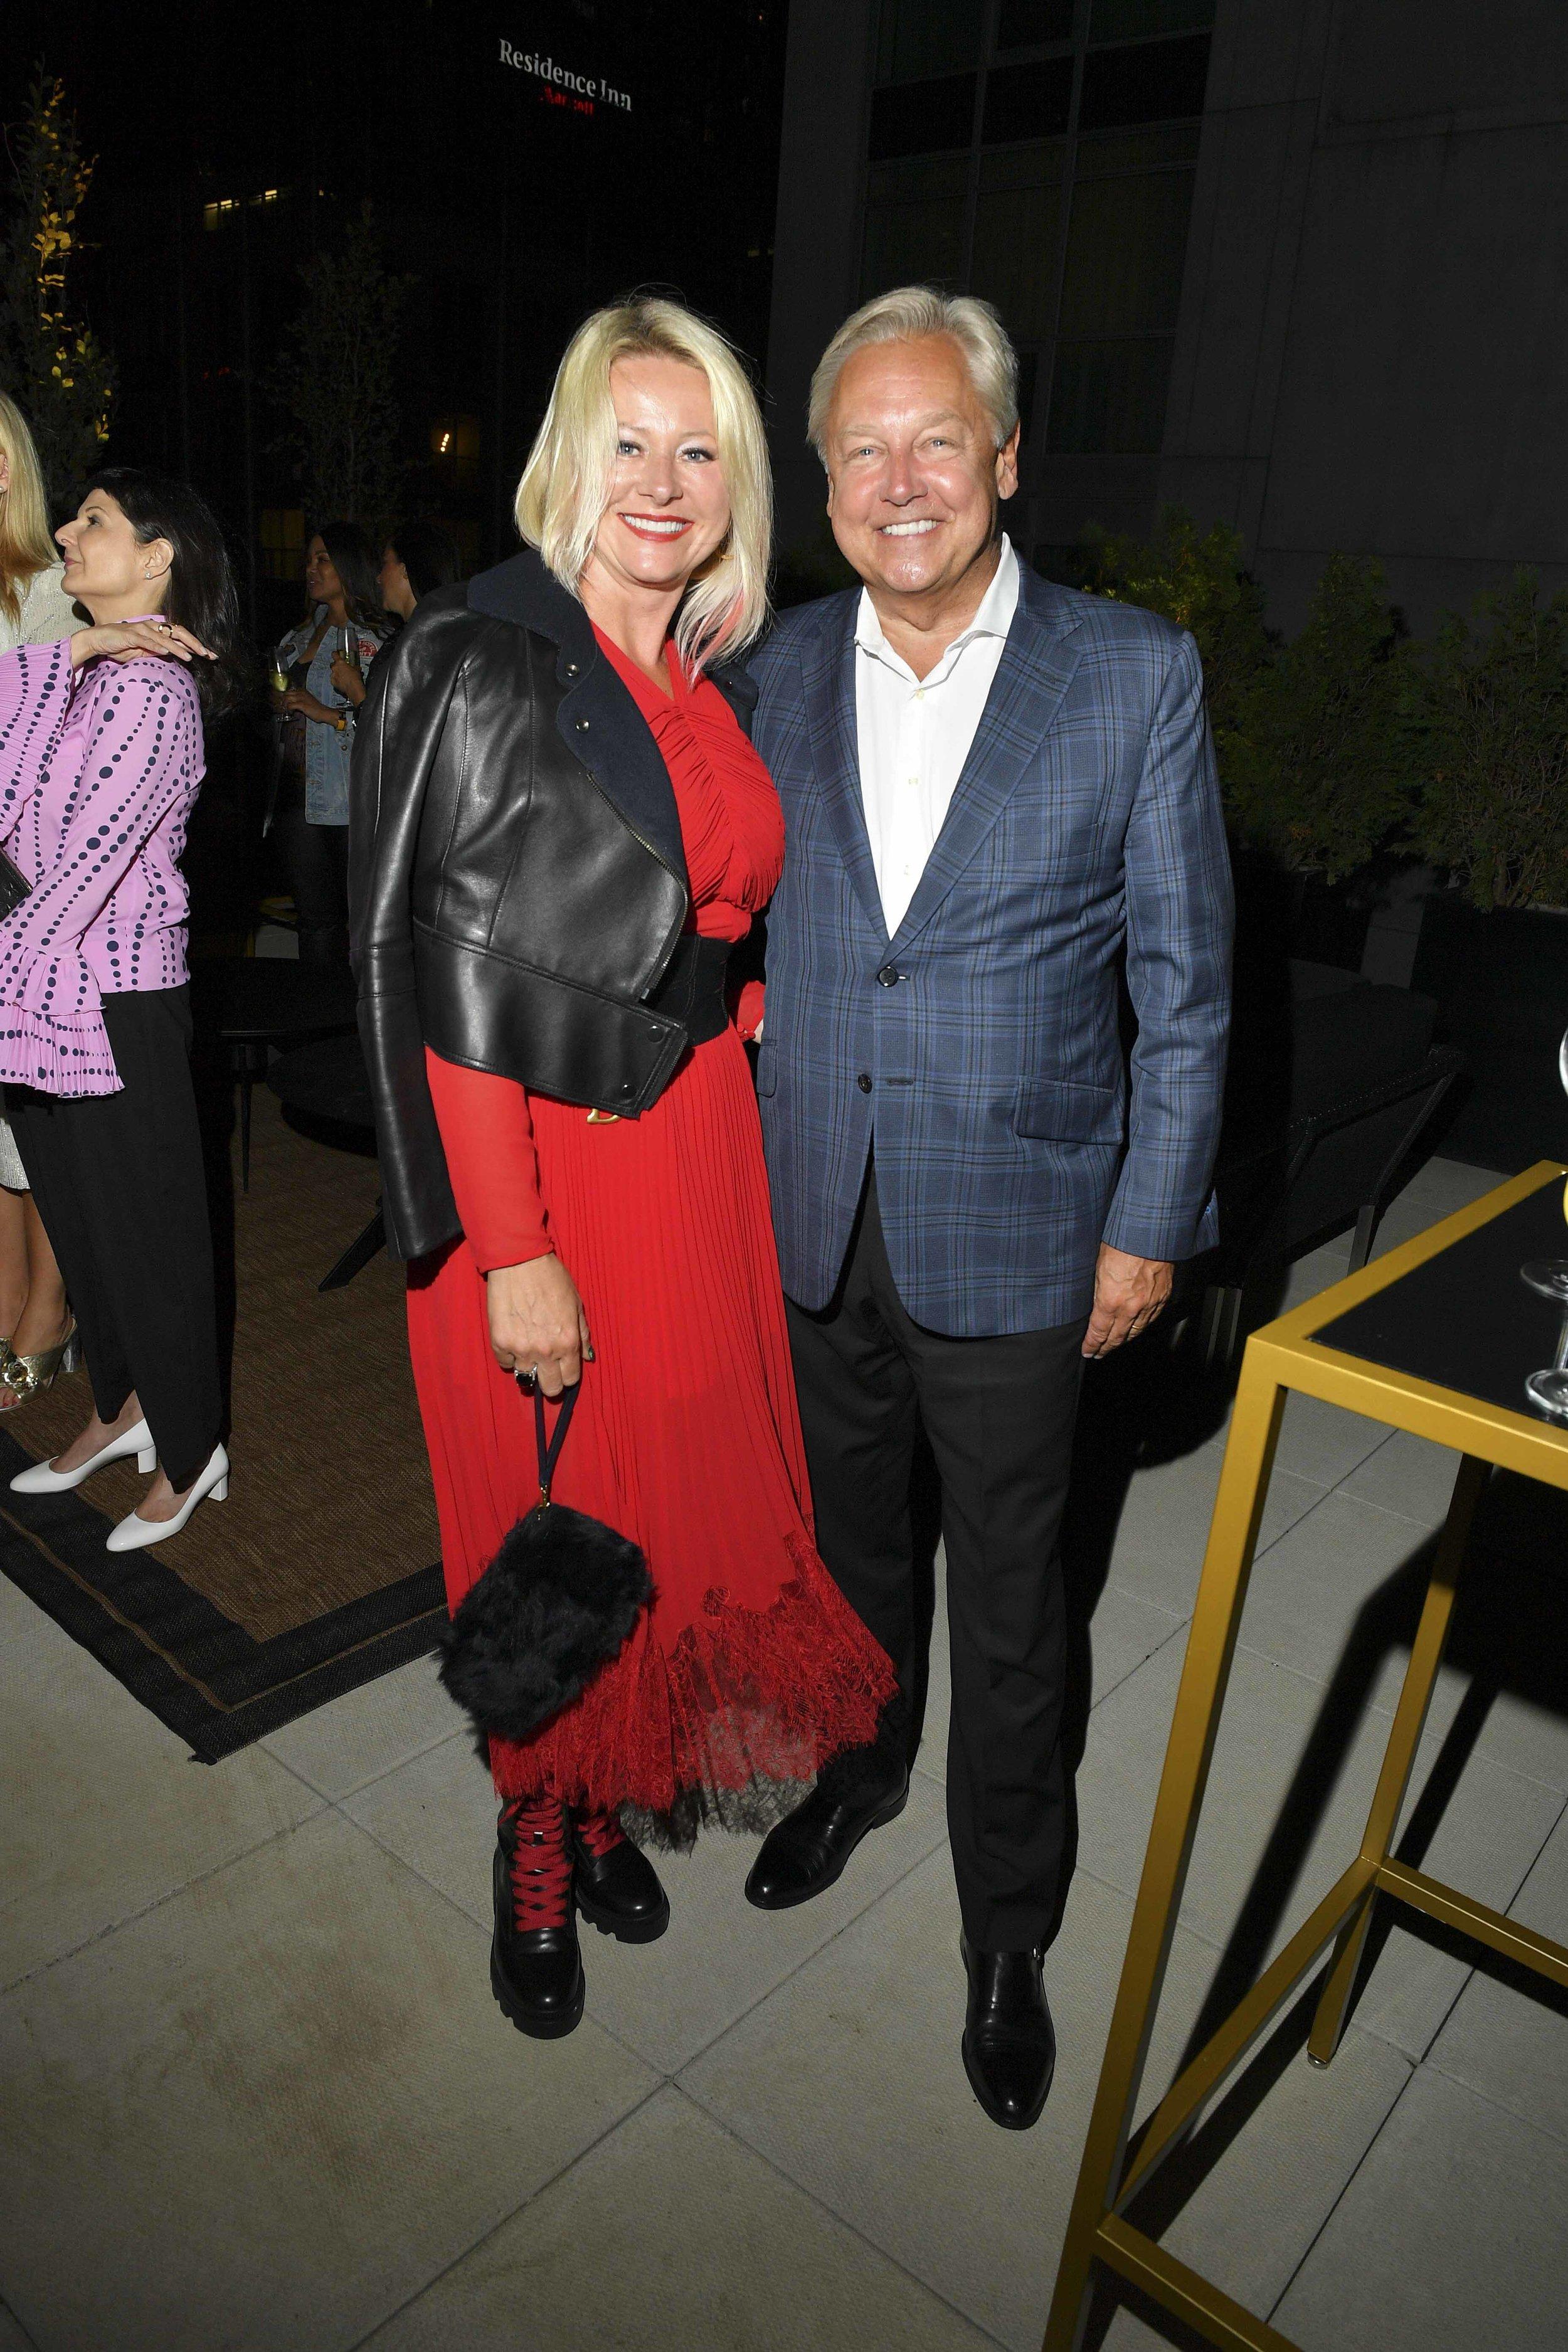 Aneta Friisdahl & Michael Friisdahl